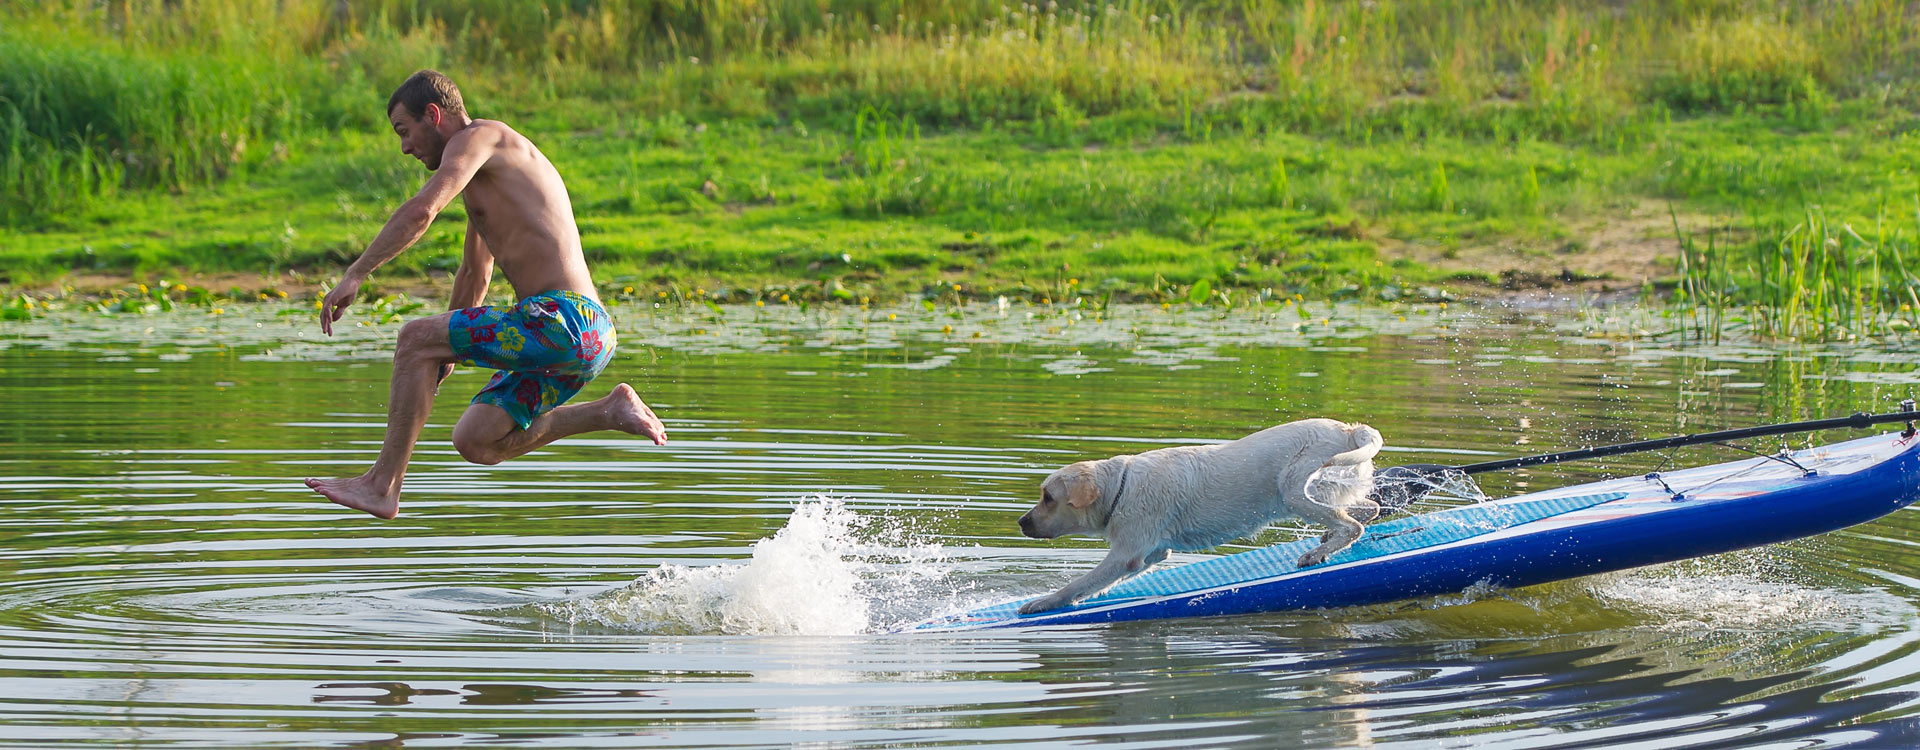 sommerurlaub-hund